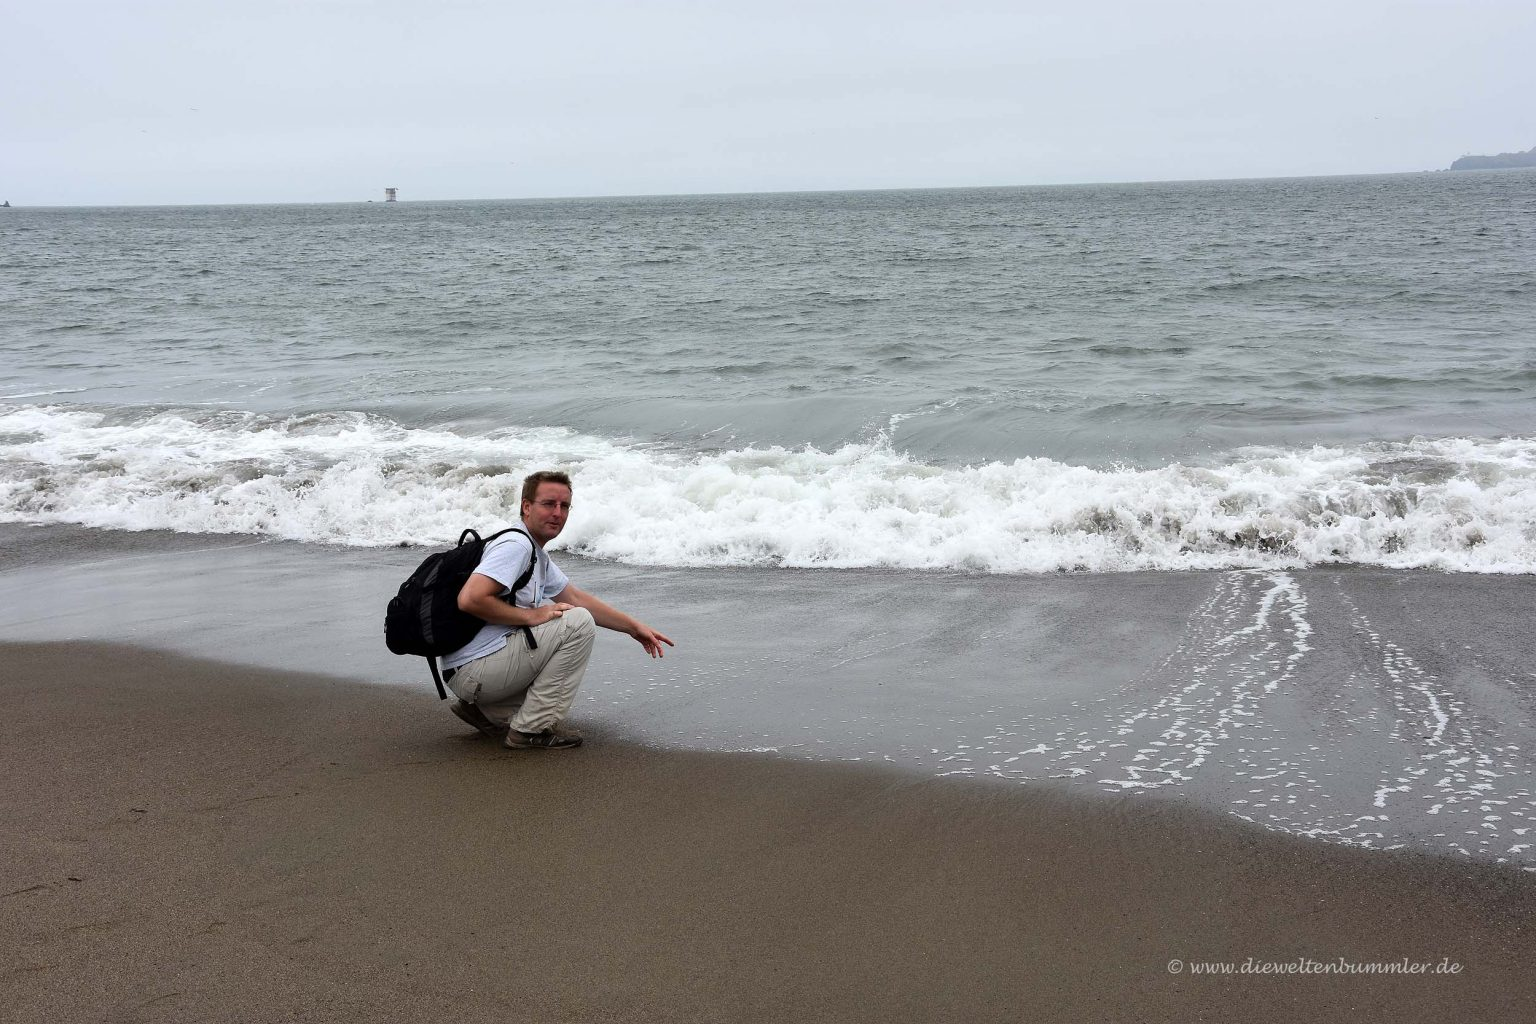 Am Pazifik angekommen